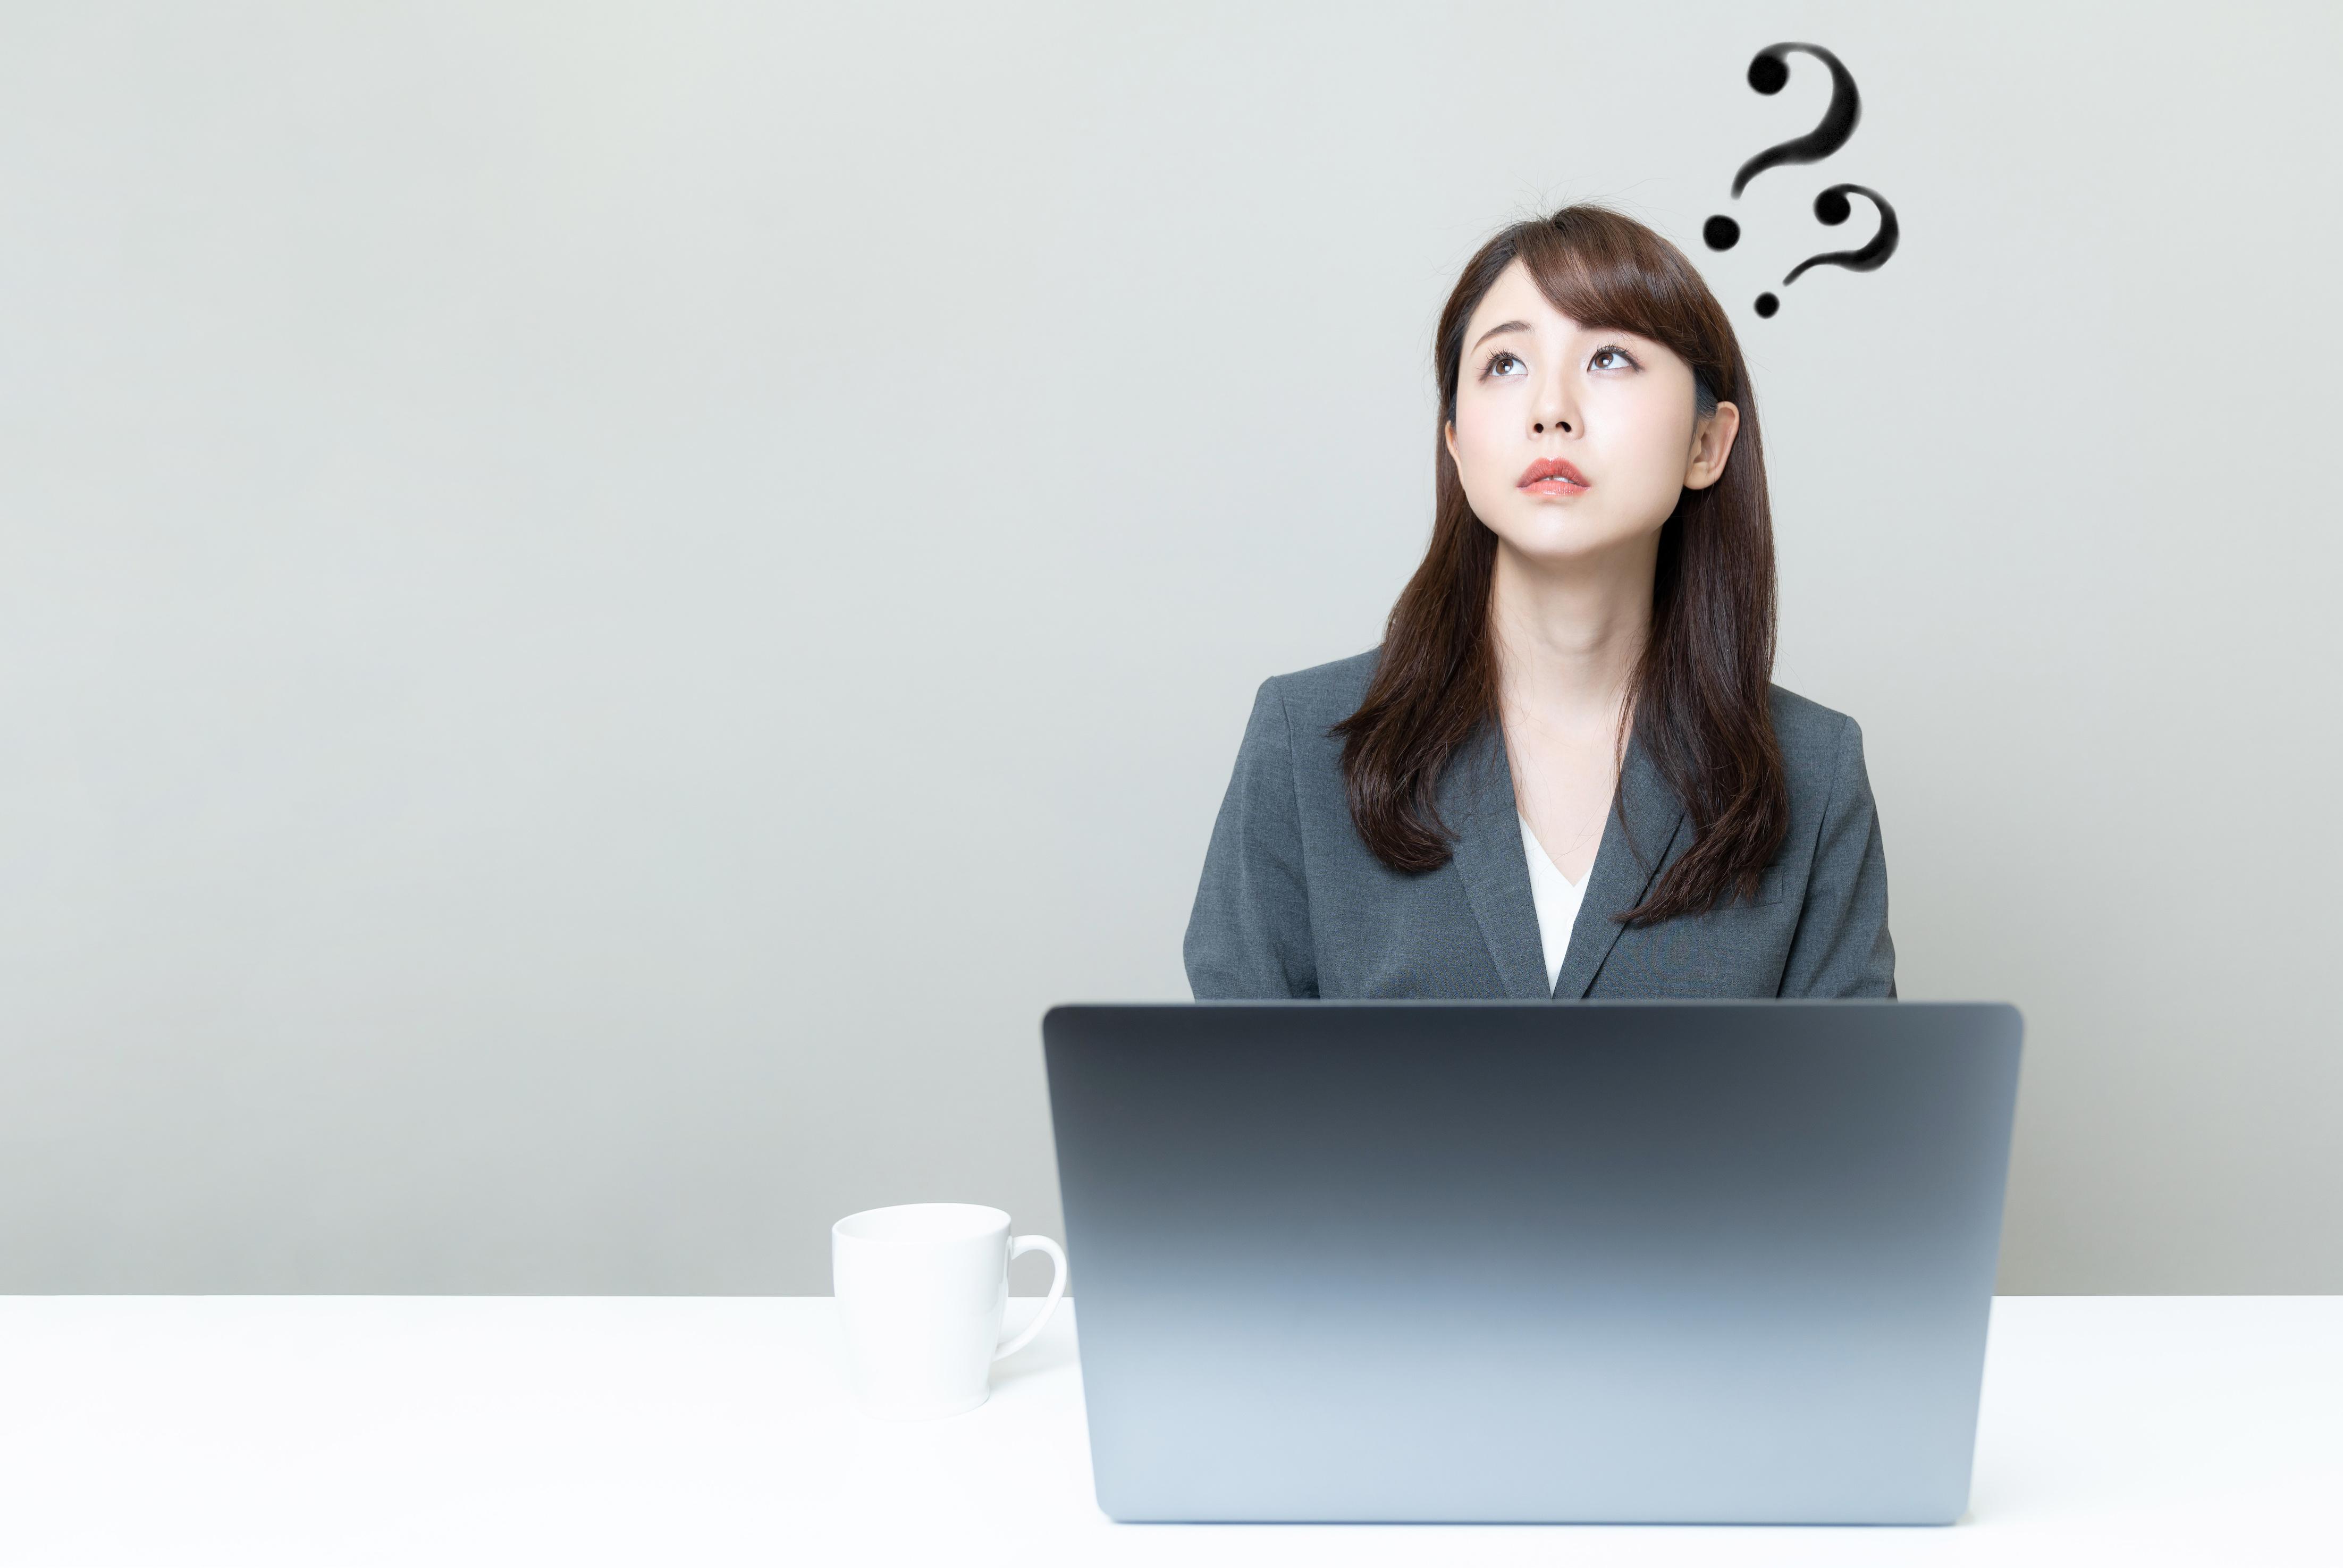 ブラックハットSEOについて考える女性